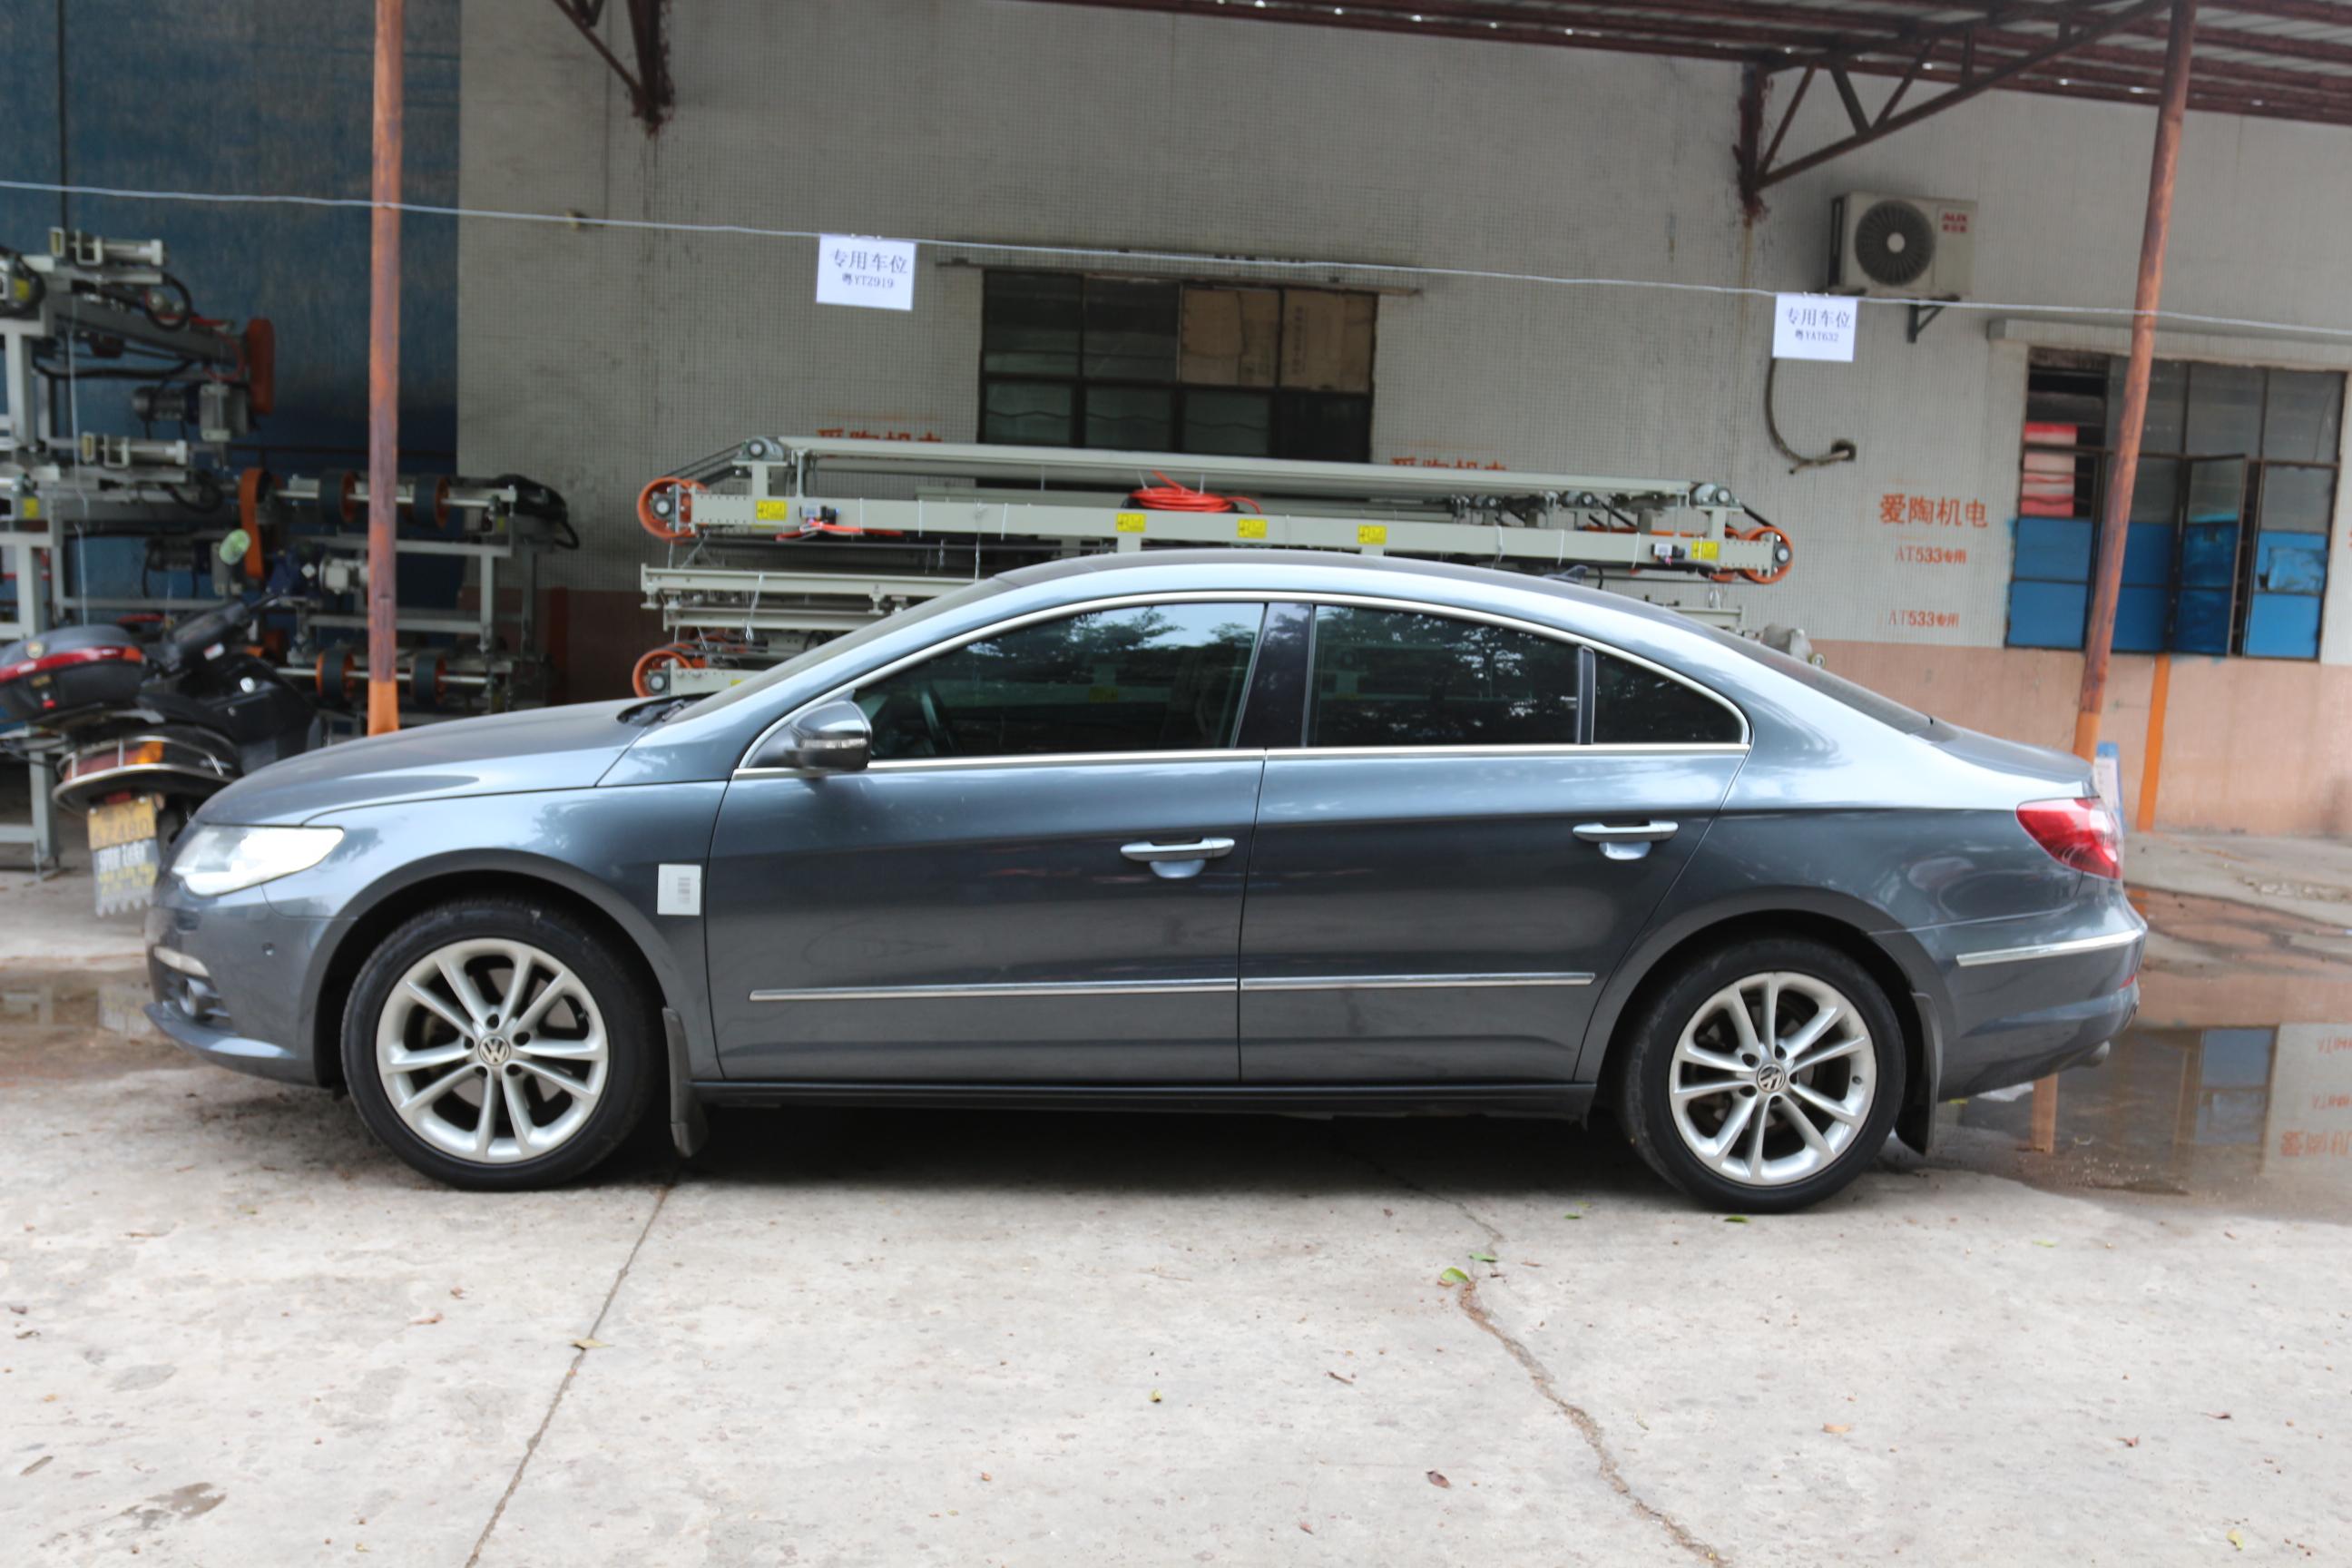 一汽大众-cc 2010款 2.0tsi 至尊型